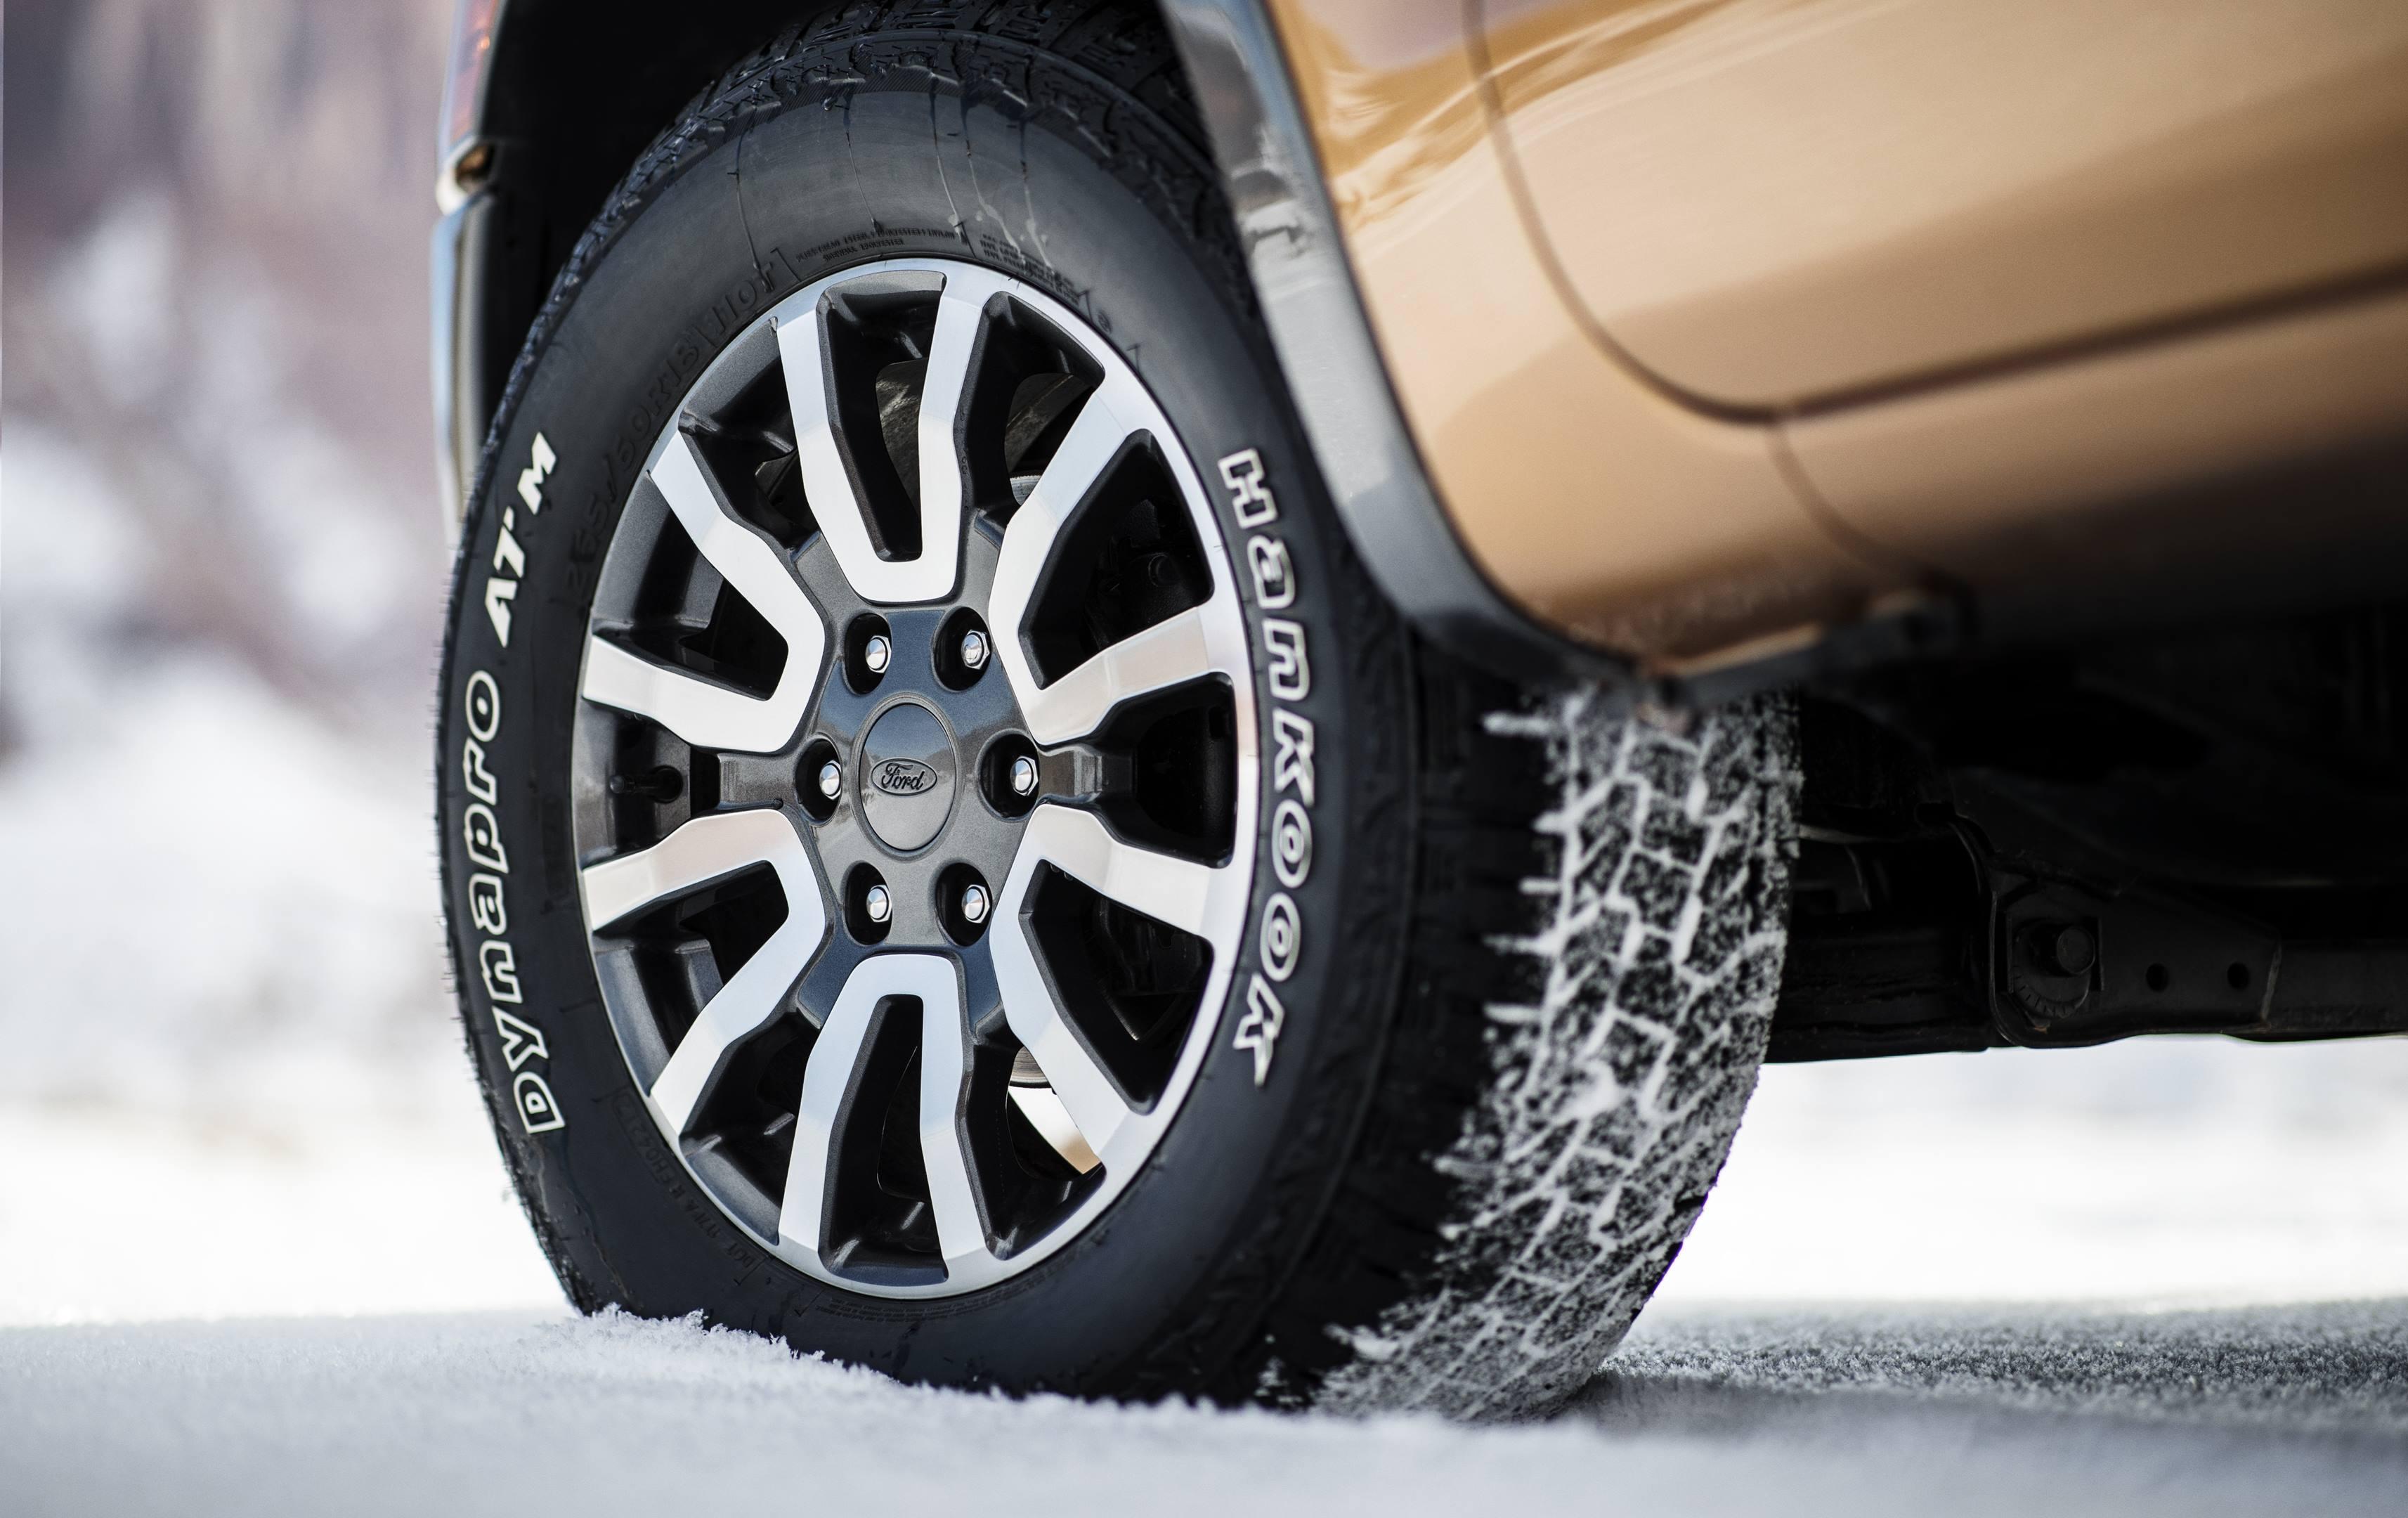 2019 Ford Ranger wheel detail